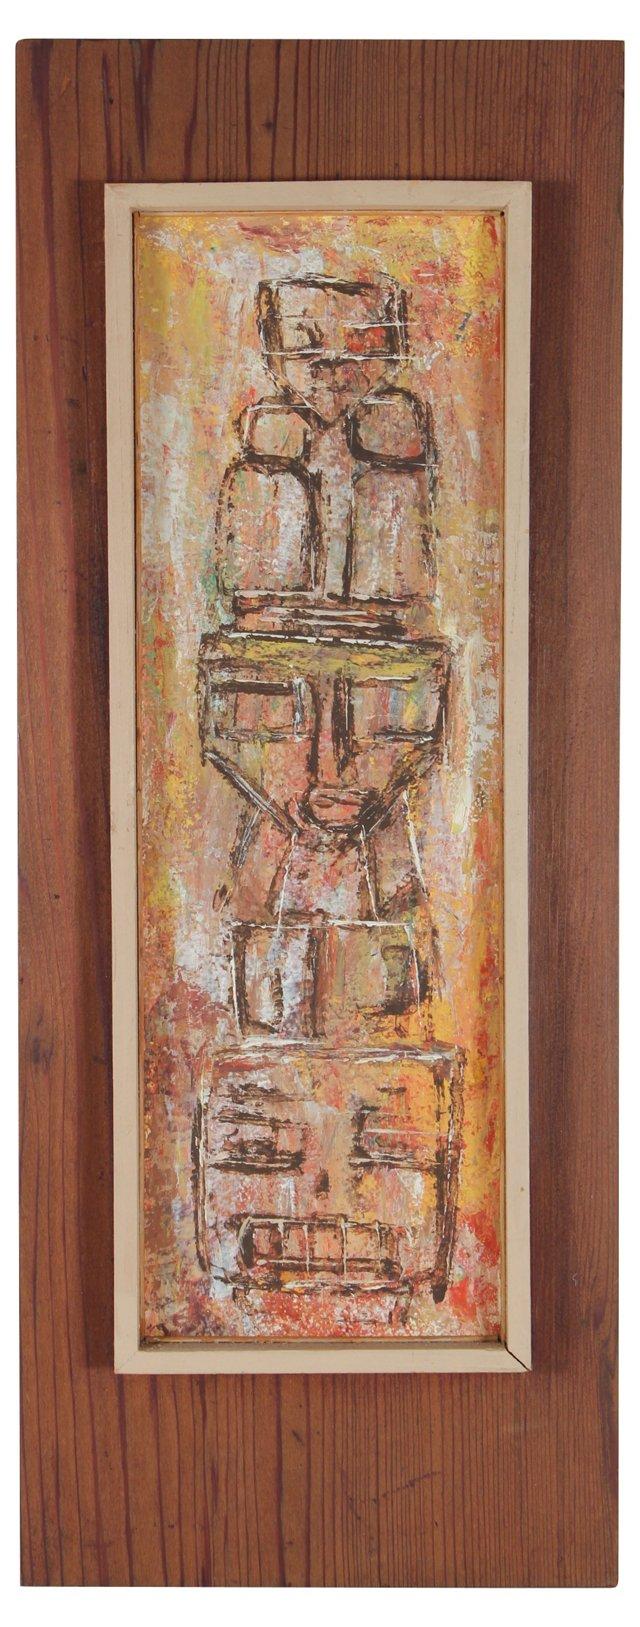 1950s Totem Pole by Carol Henrikson